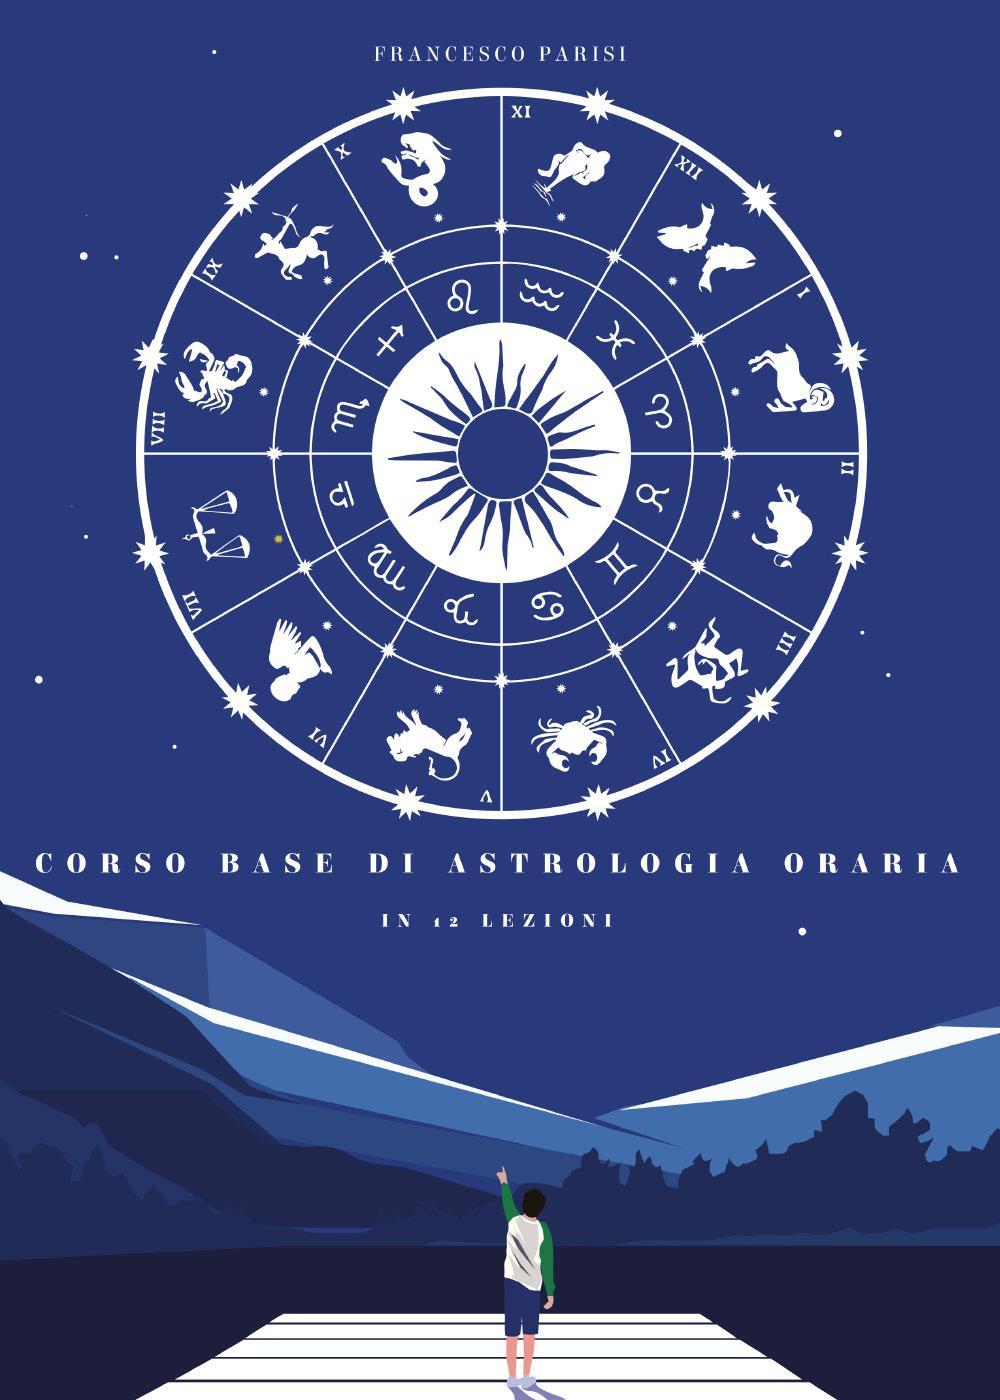 Corso base di astrologia oraria in 12 lezioni